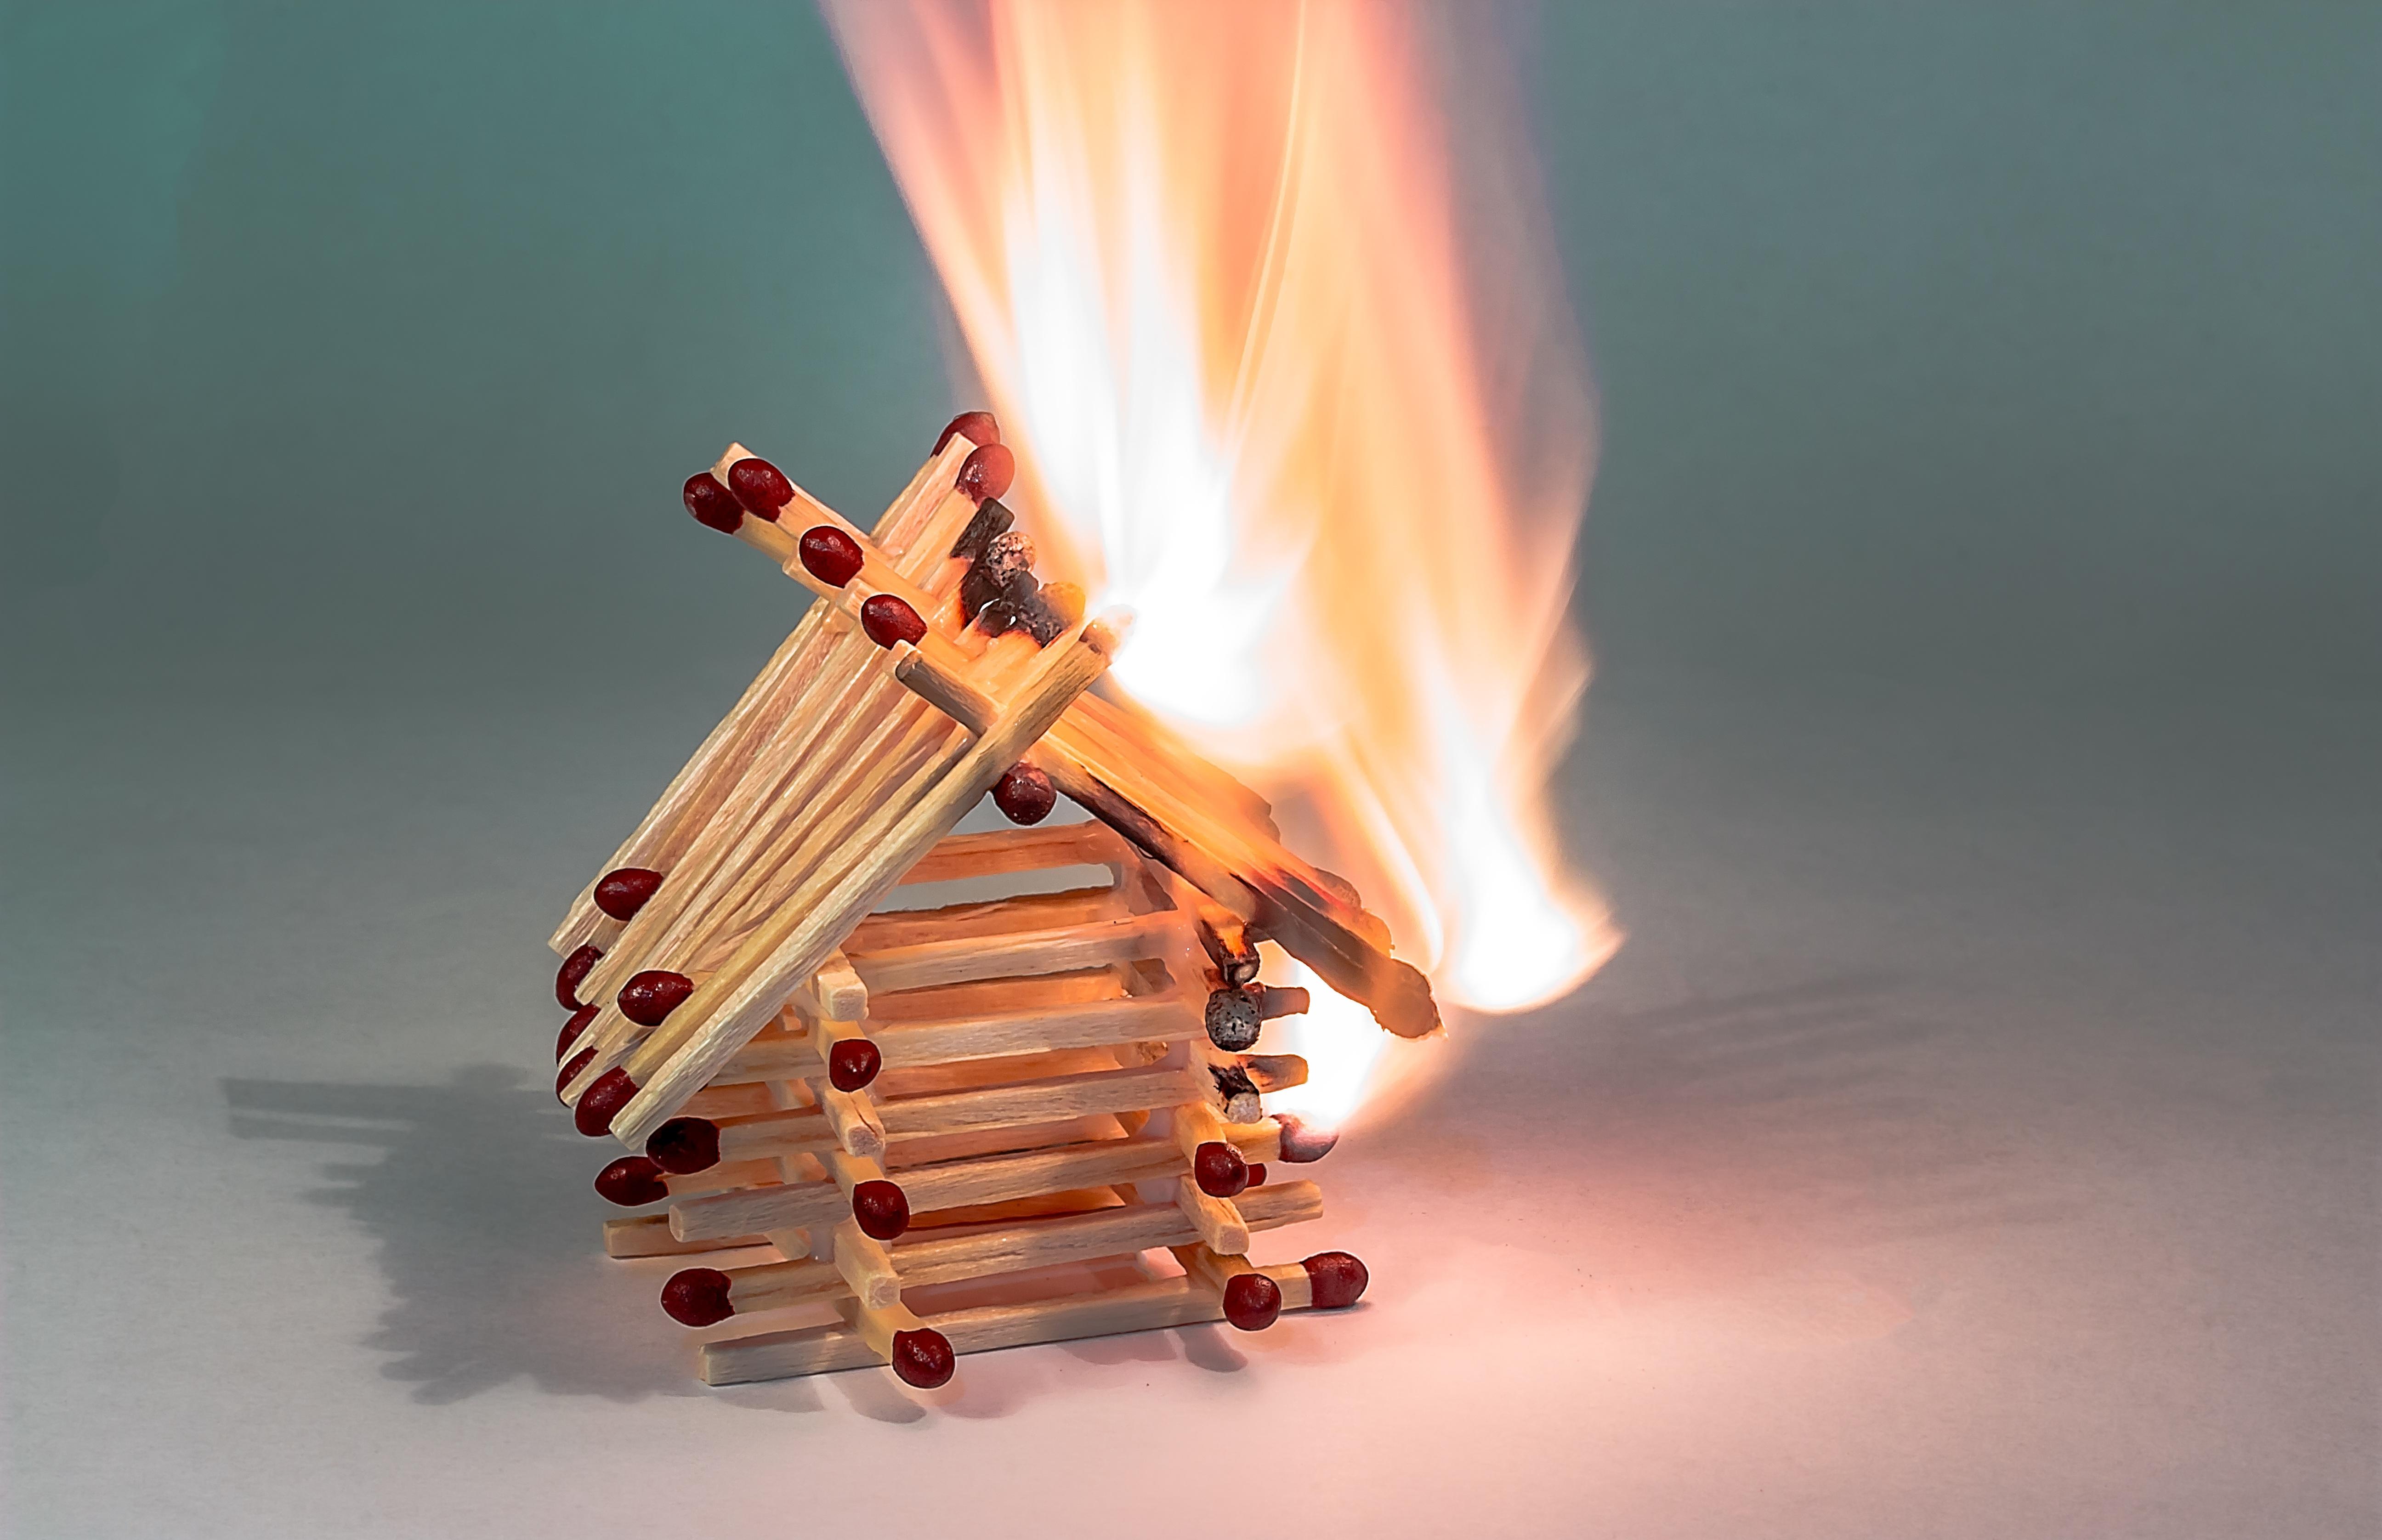 kostenlose foto feuer brennende streichholzhaus haus der streichh lzer flamme brennen. Black Bedroom Furniture Sets. Home Design Ideas